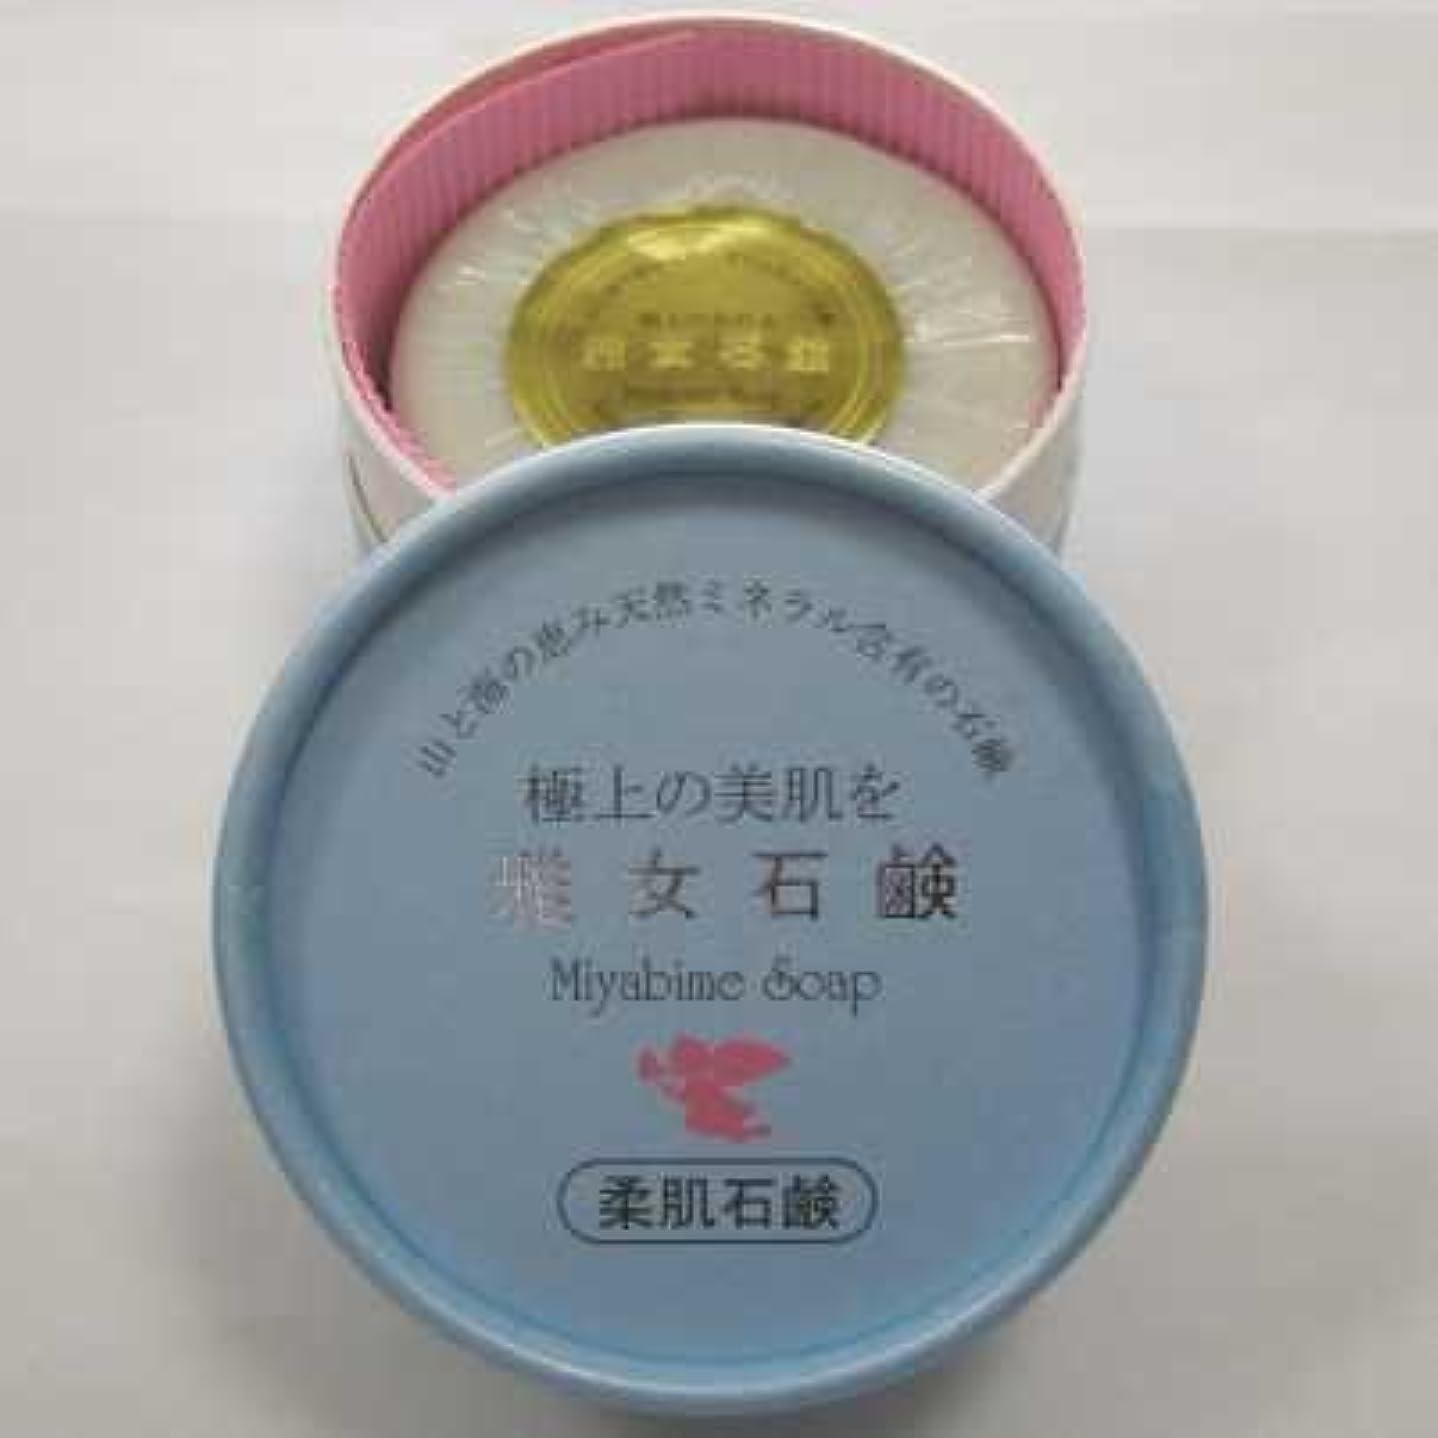 差別的ベースパール雅女石鹸(Miyabime Soap)